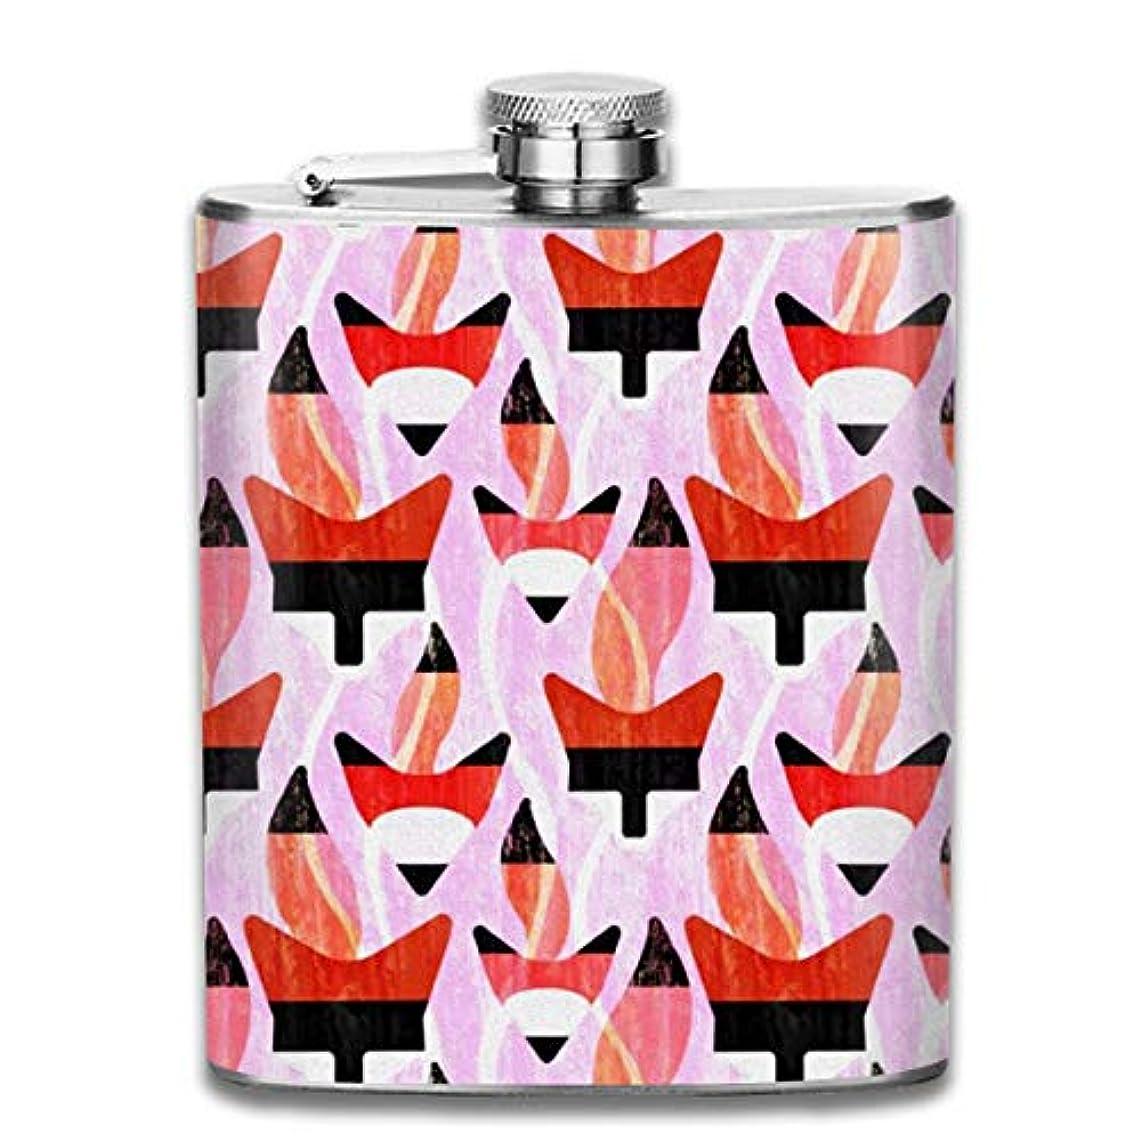 哀れな縁定刻狐 芸術絵画フラスコ スキットル ヒップフラスコ 7オンス 206ml 高品質ステンレス製 ウイスキー アルコール 清酒 携帯 ボトル